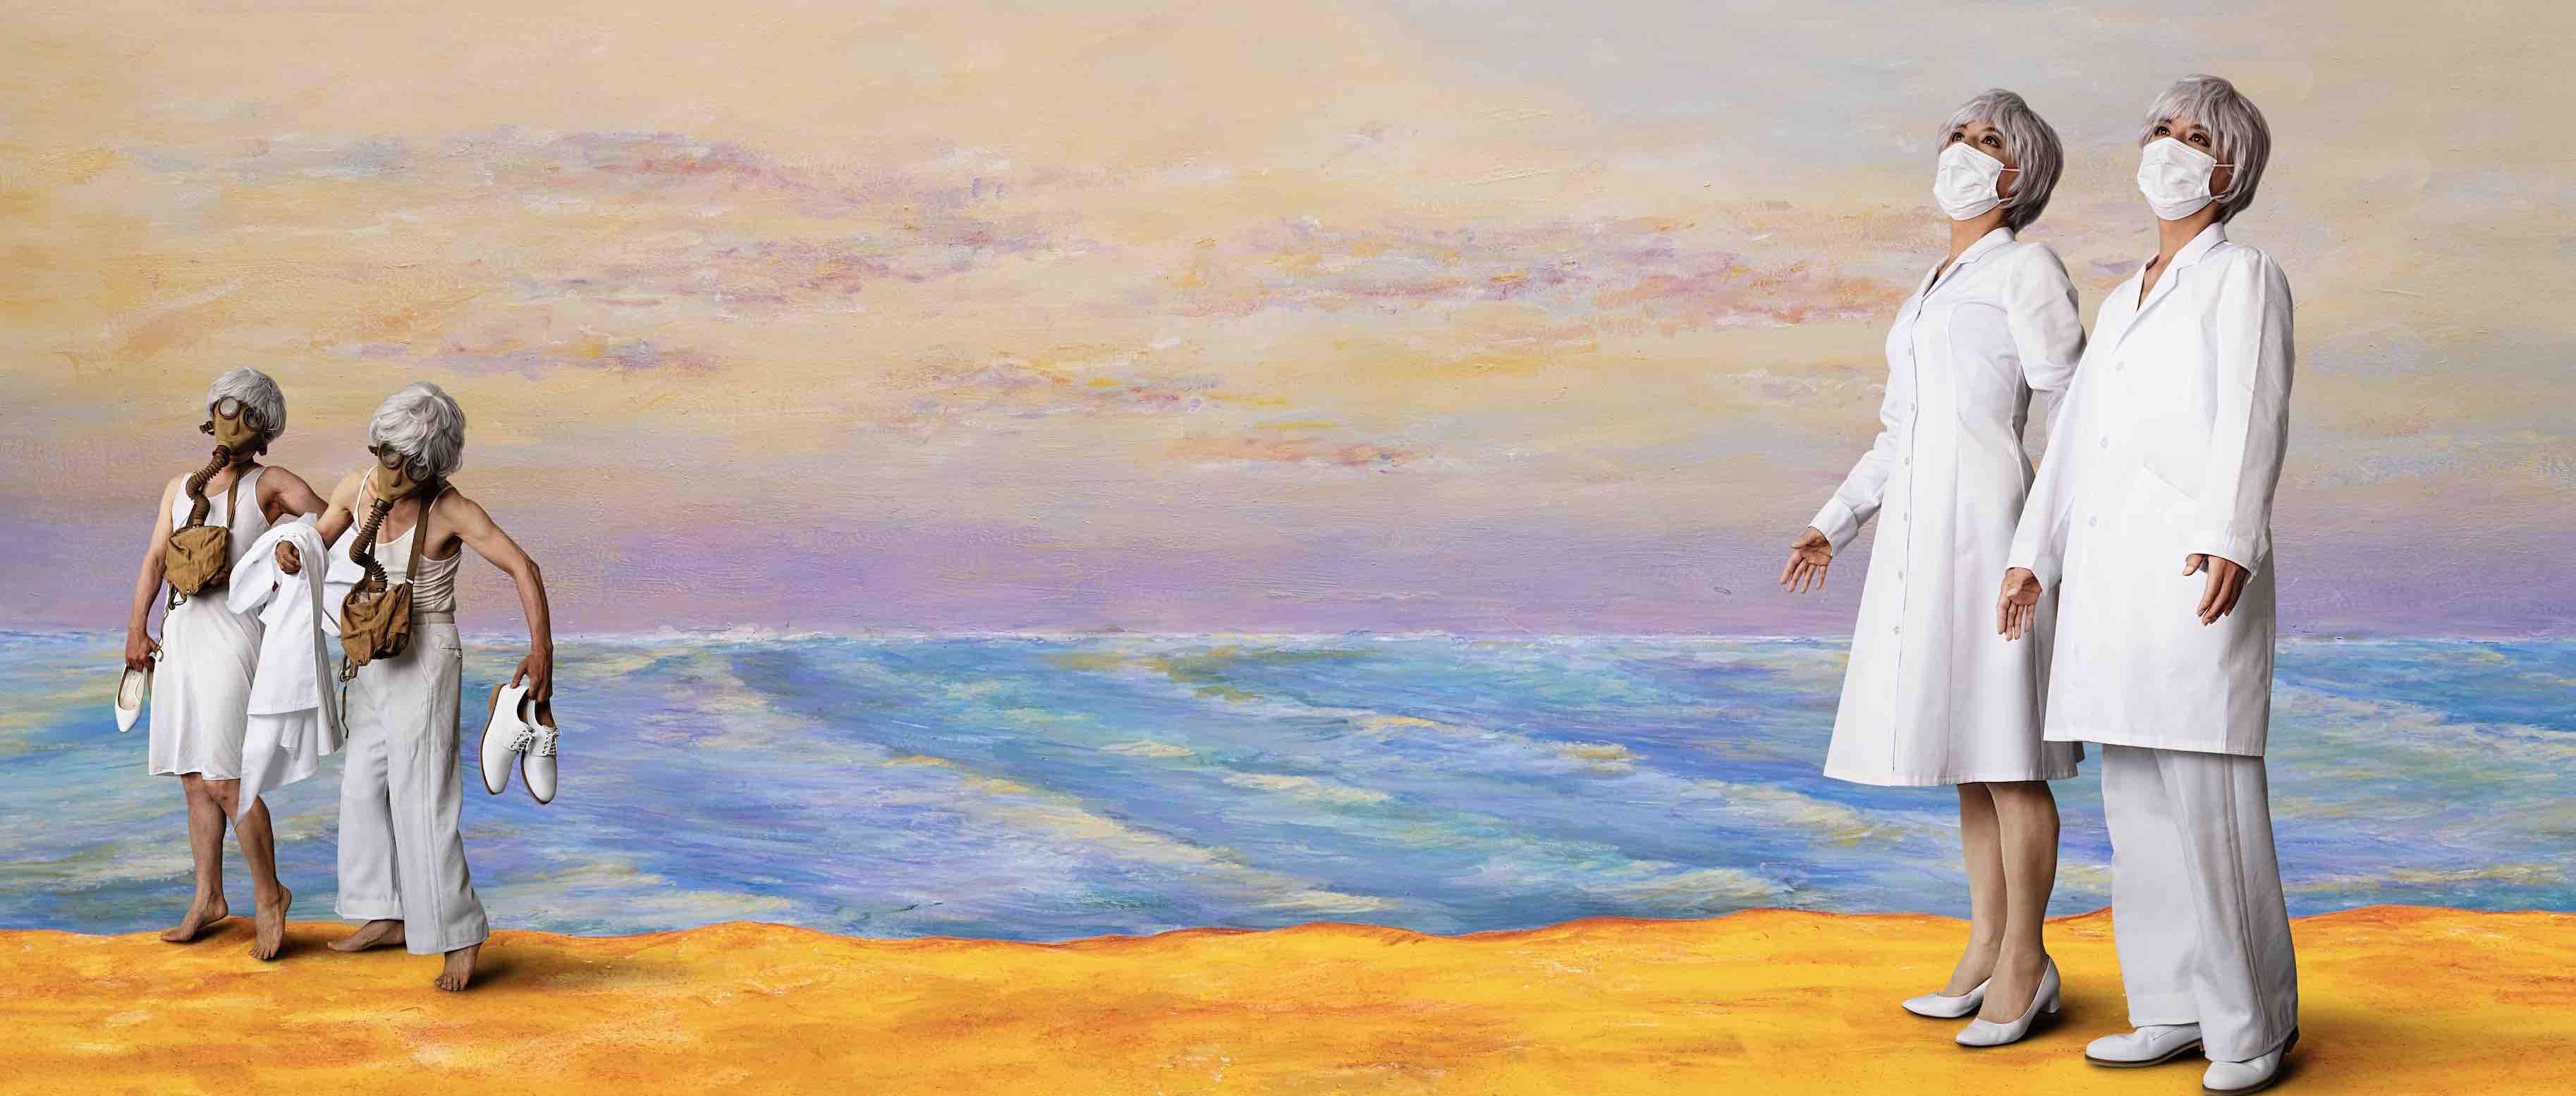 森村泰昌《M式「海の幸」第9番:たそがれに還る》2021年 作家蔵